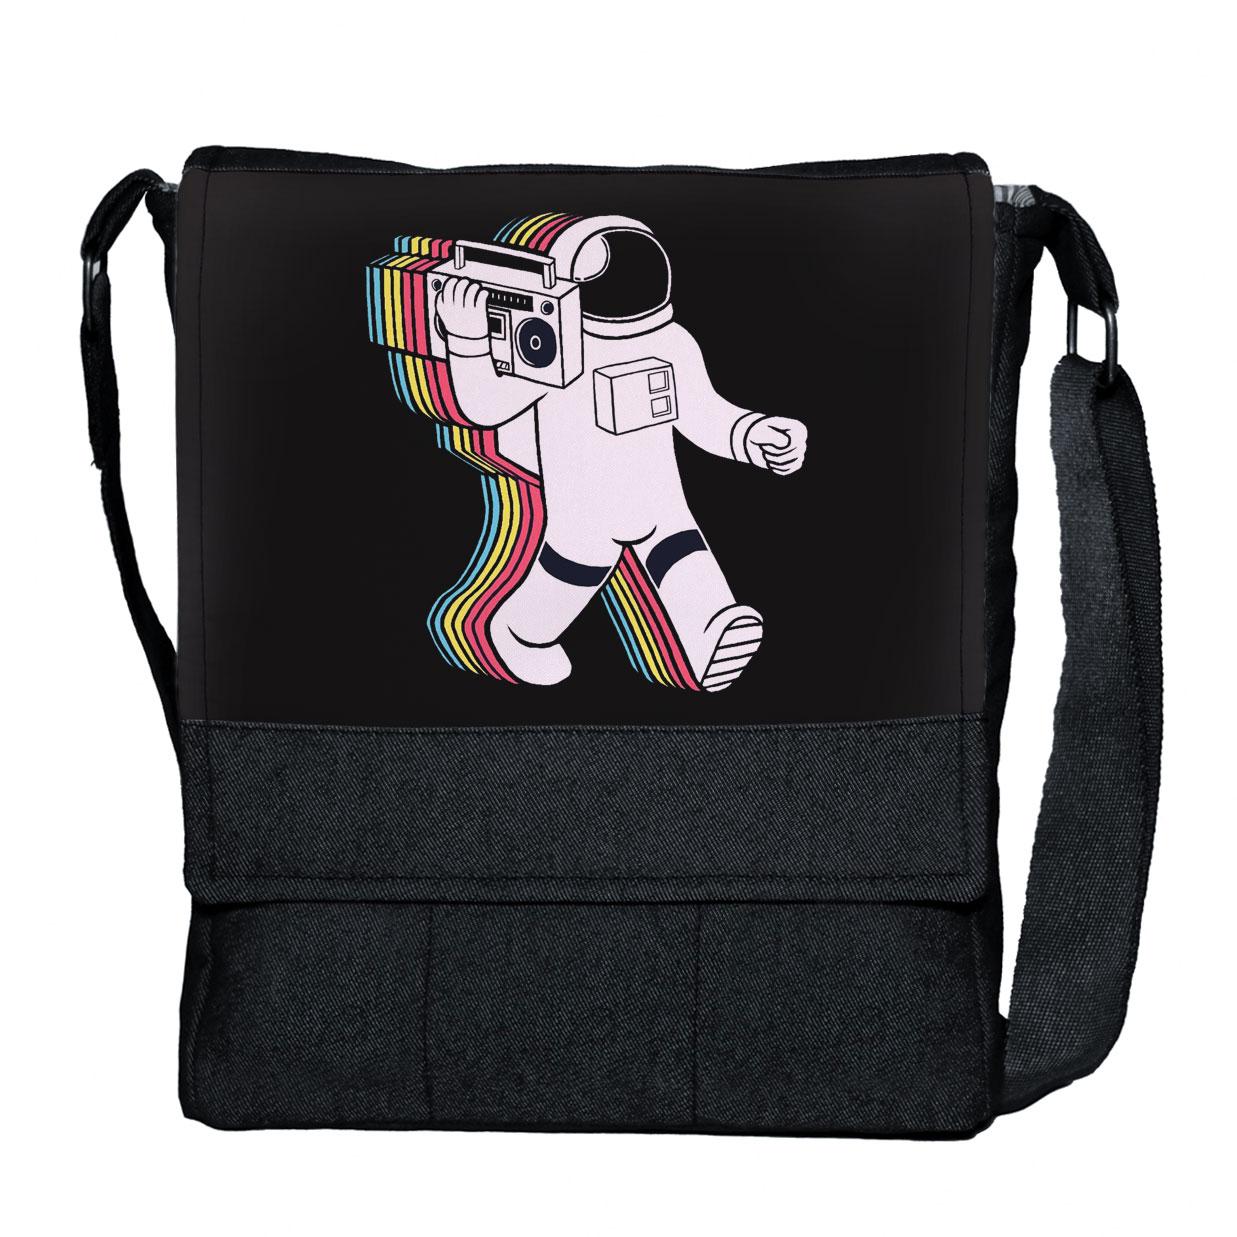 کیف دوشی گالری چی چاپ طرح فضا نورد کد 65843